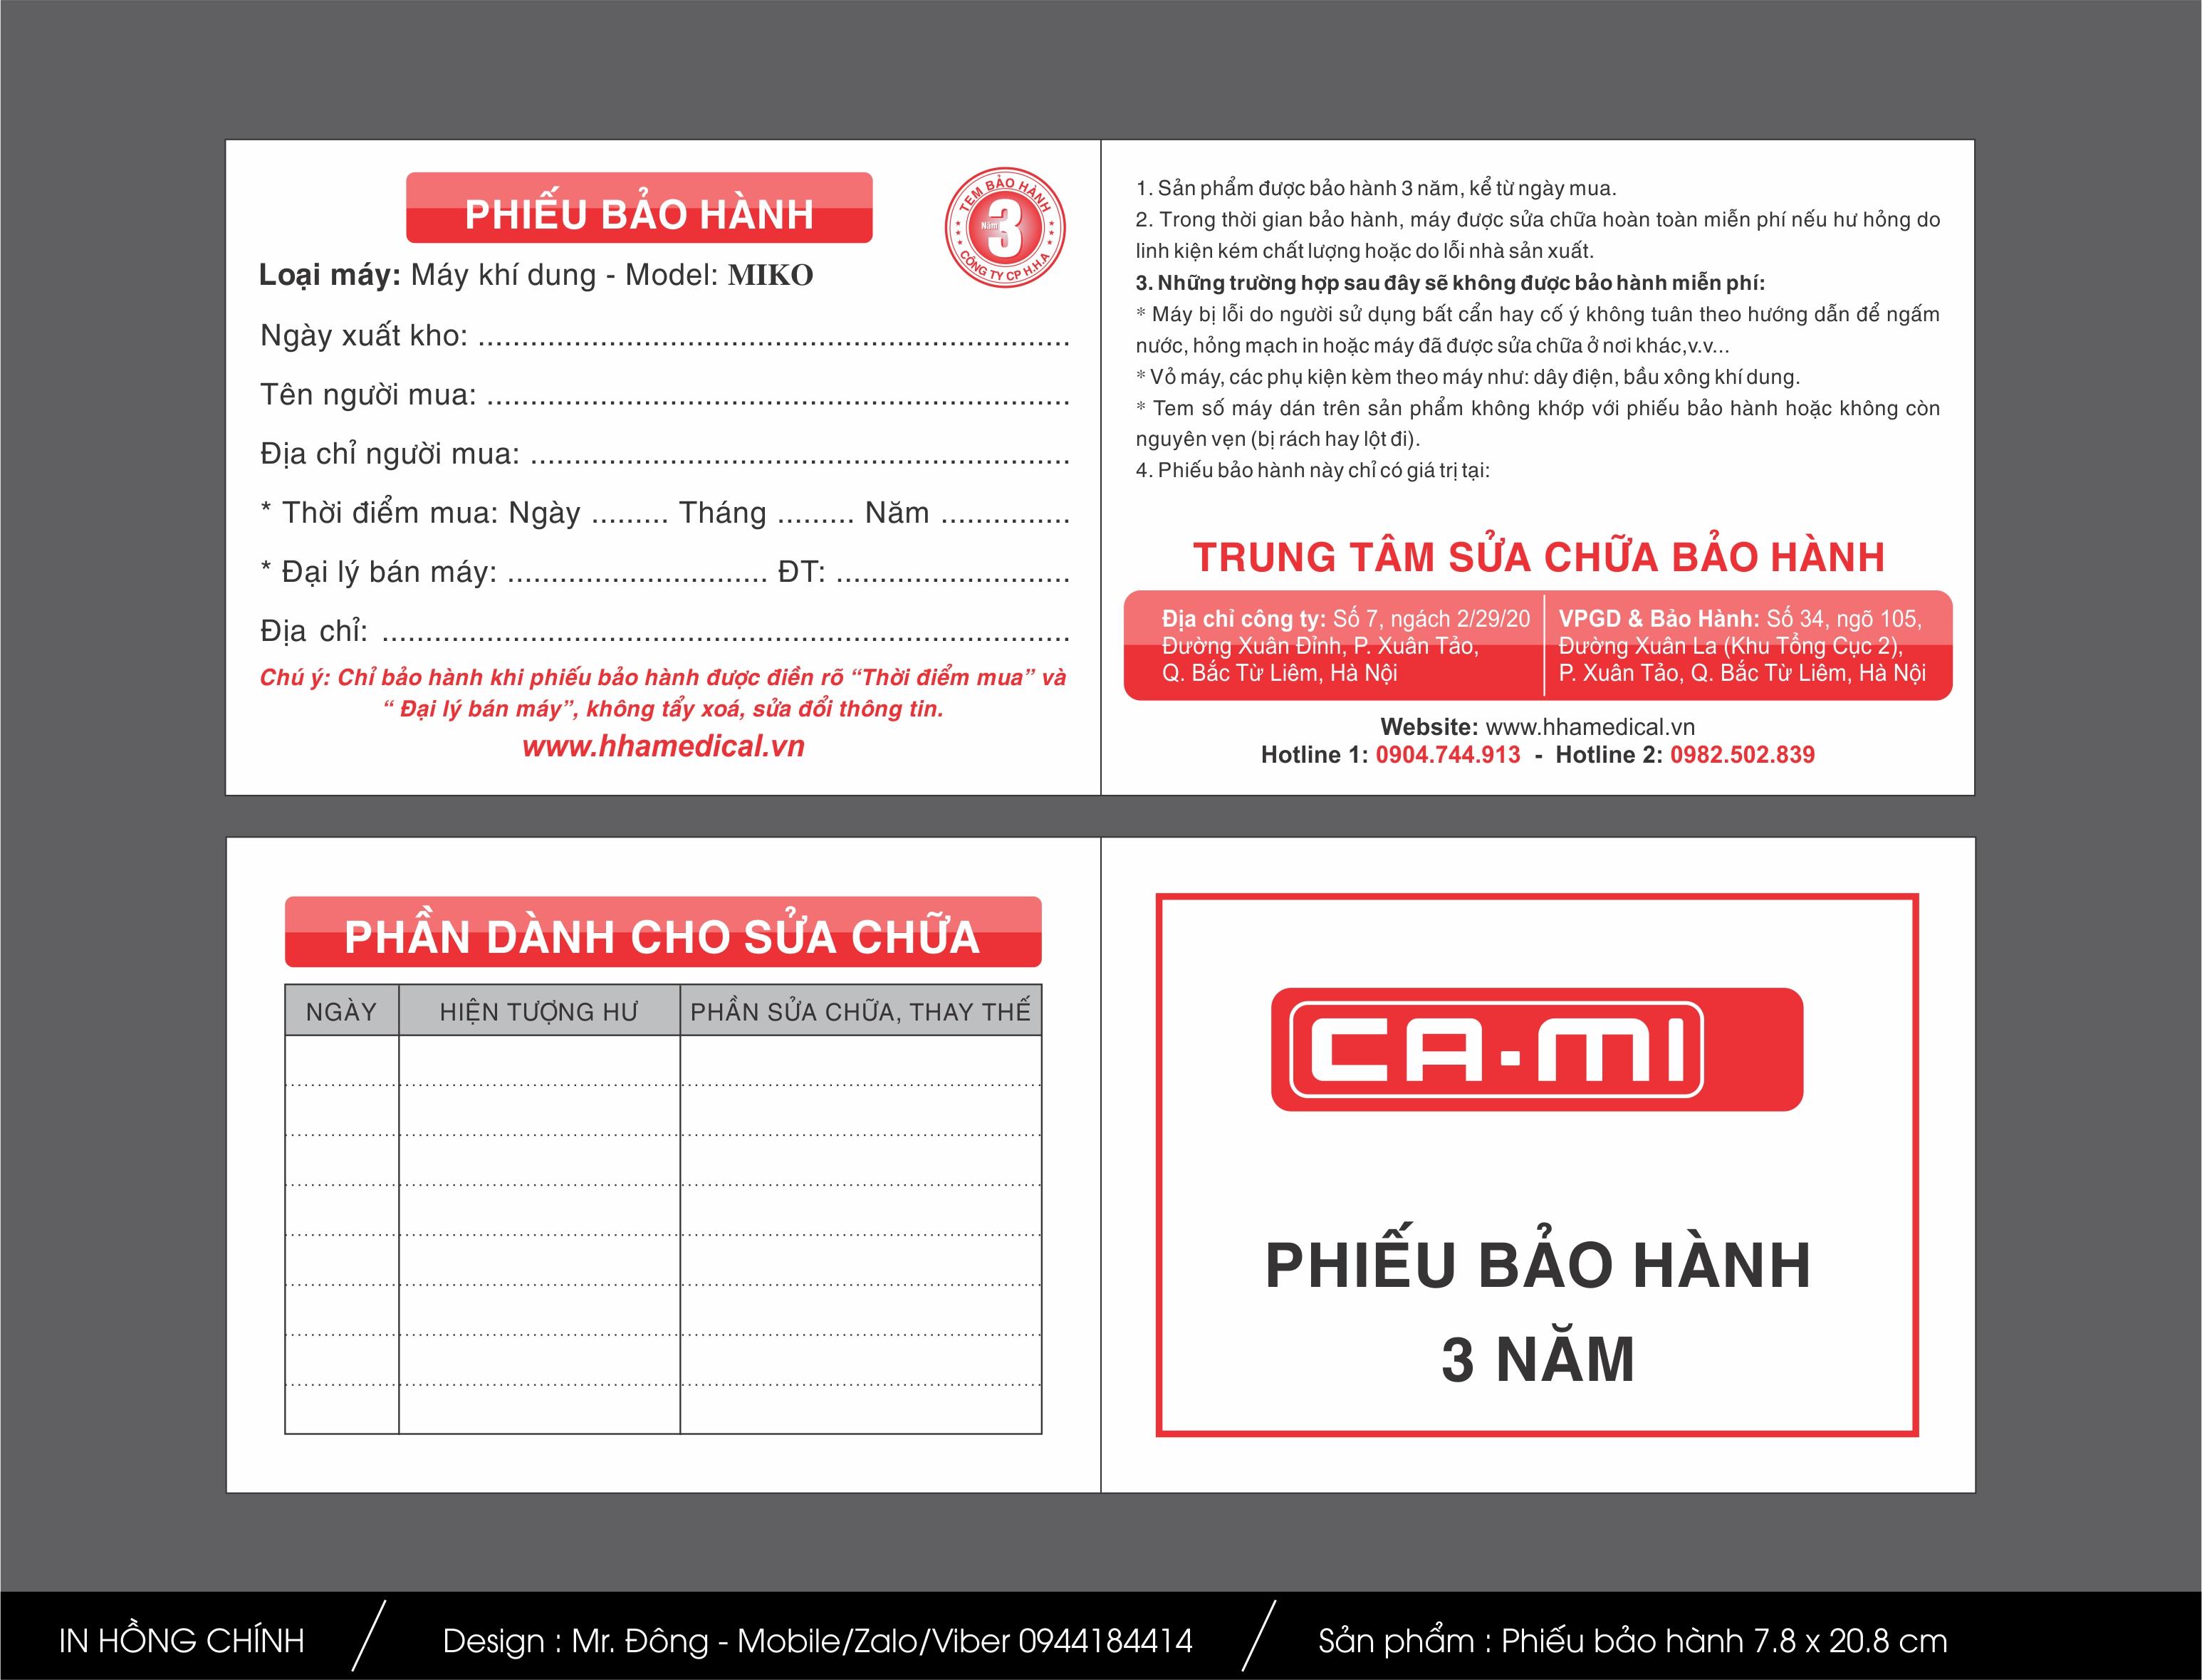 Phieu Bao Hanh HHA - CAMI - 04-07-2016